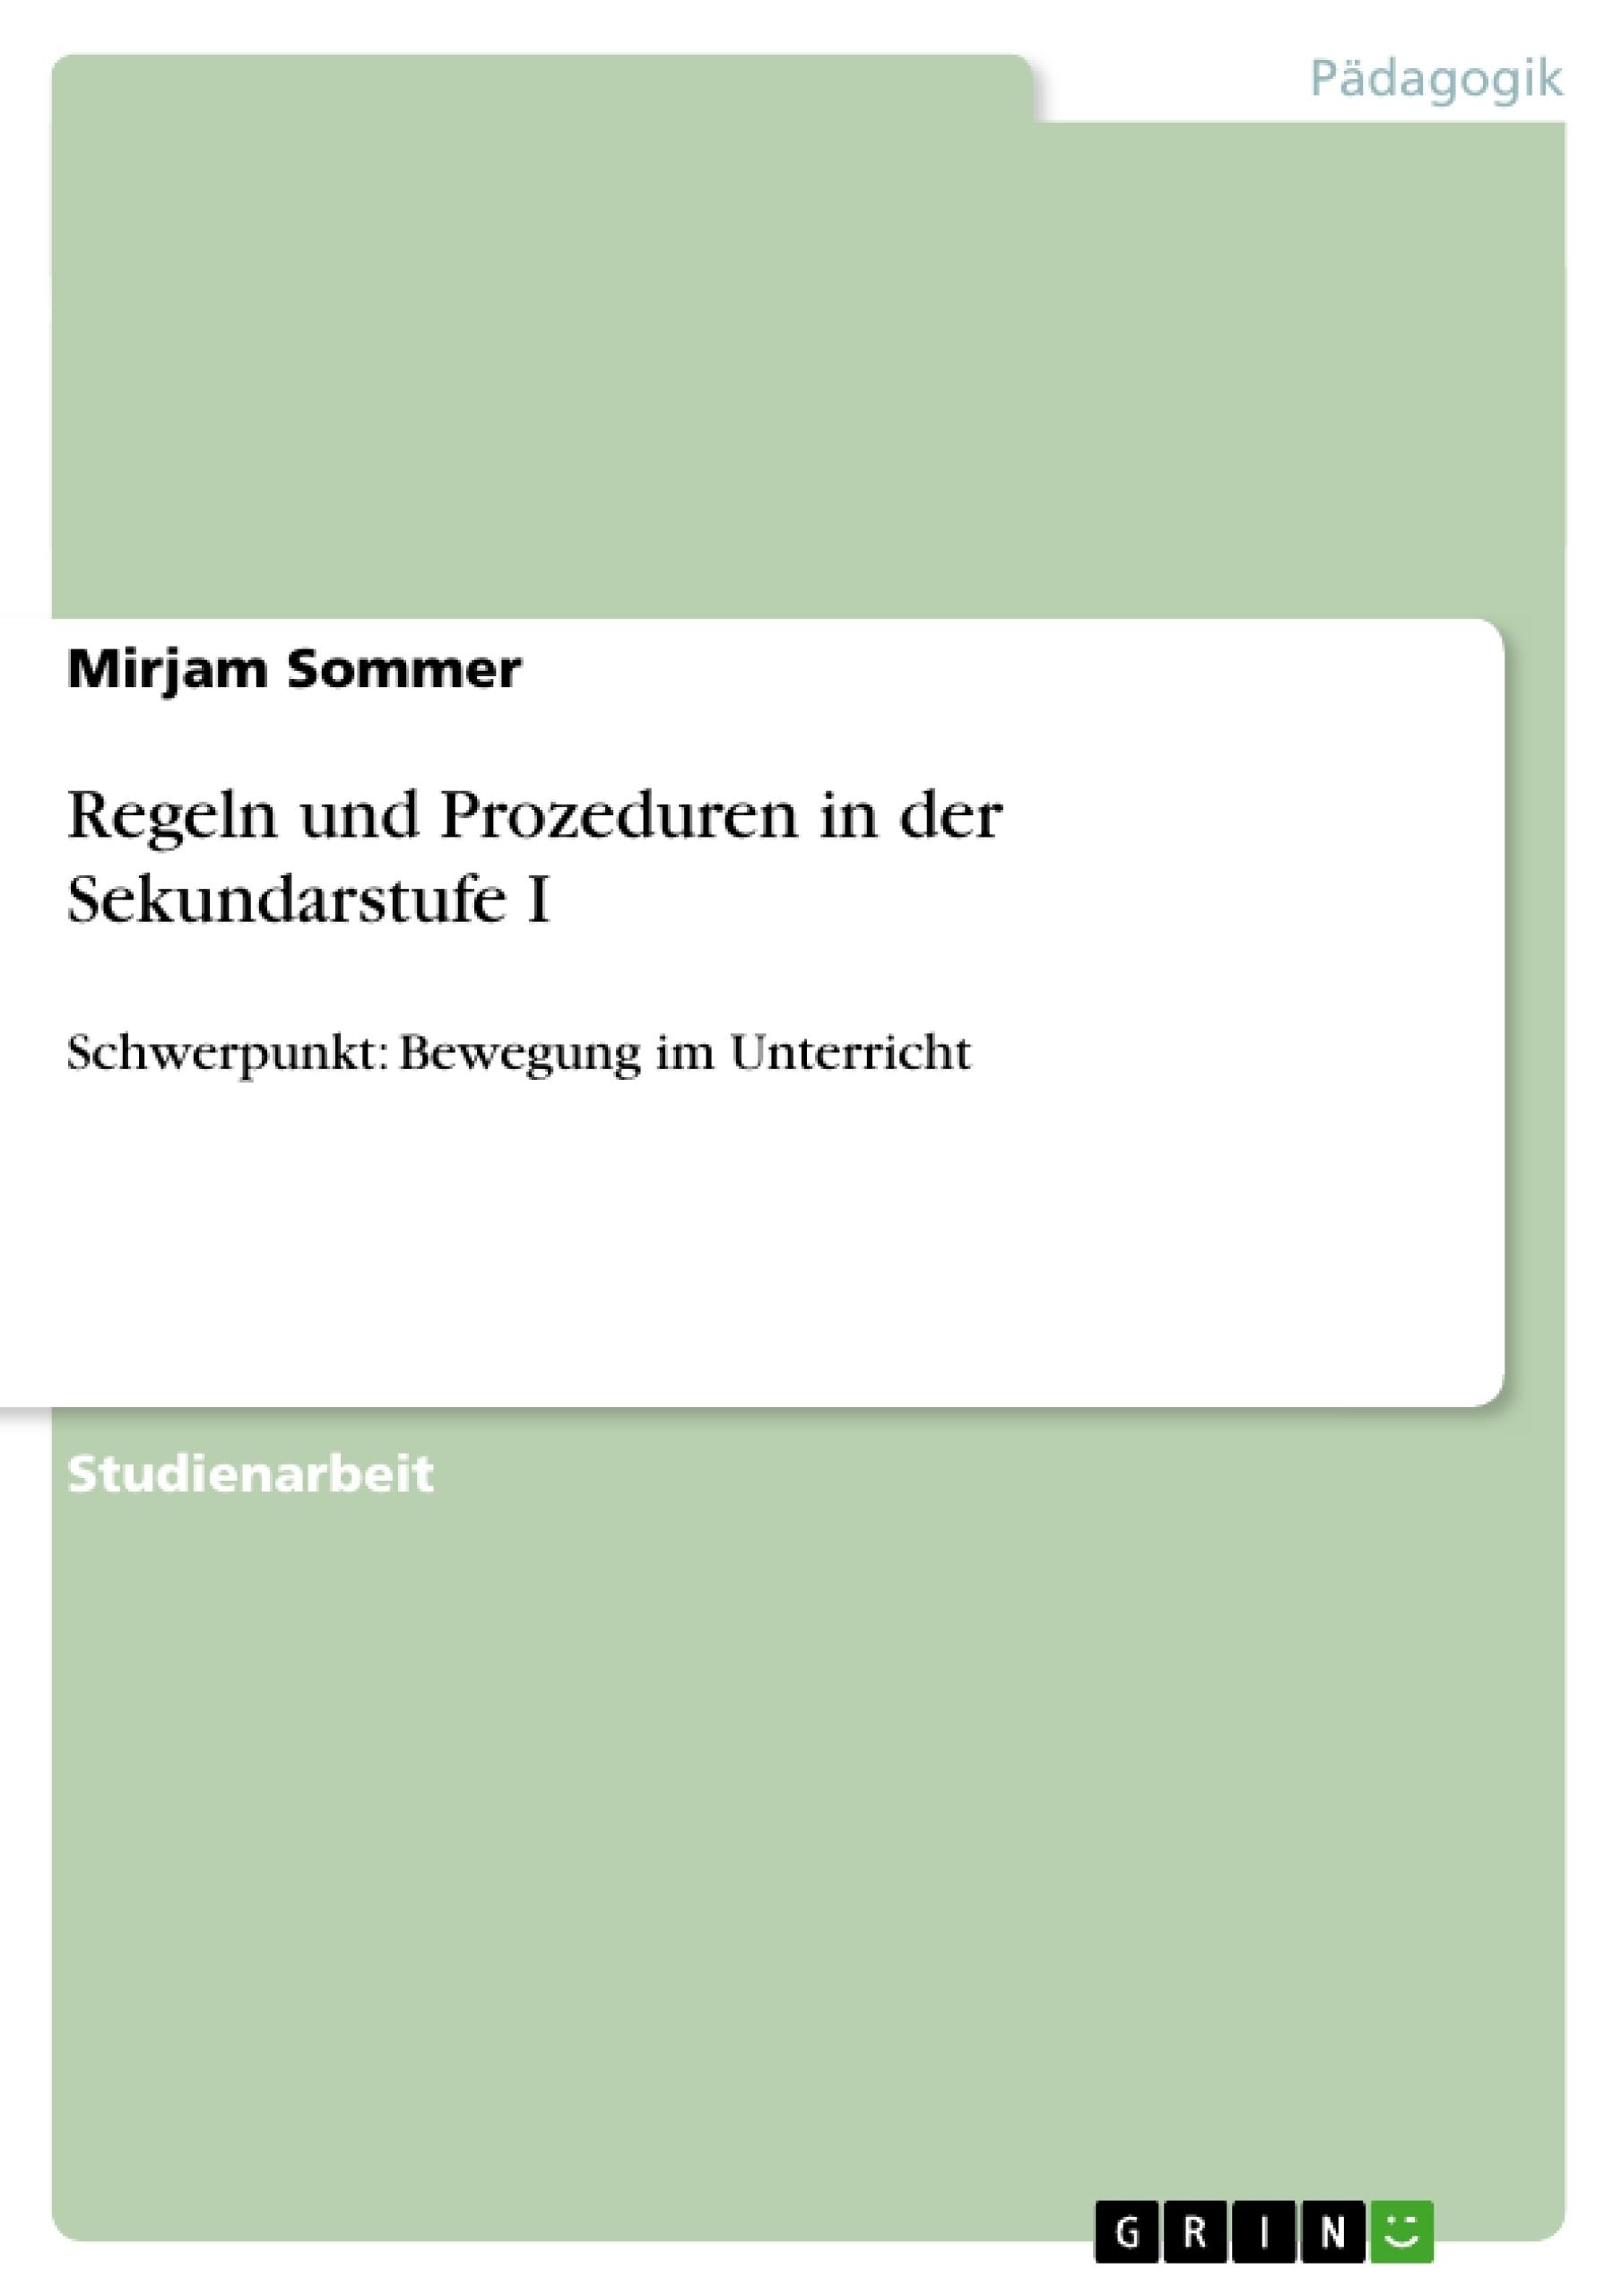 Titel: Regeln und Prozeduren in der Sekundarstufe I